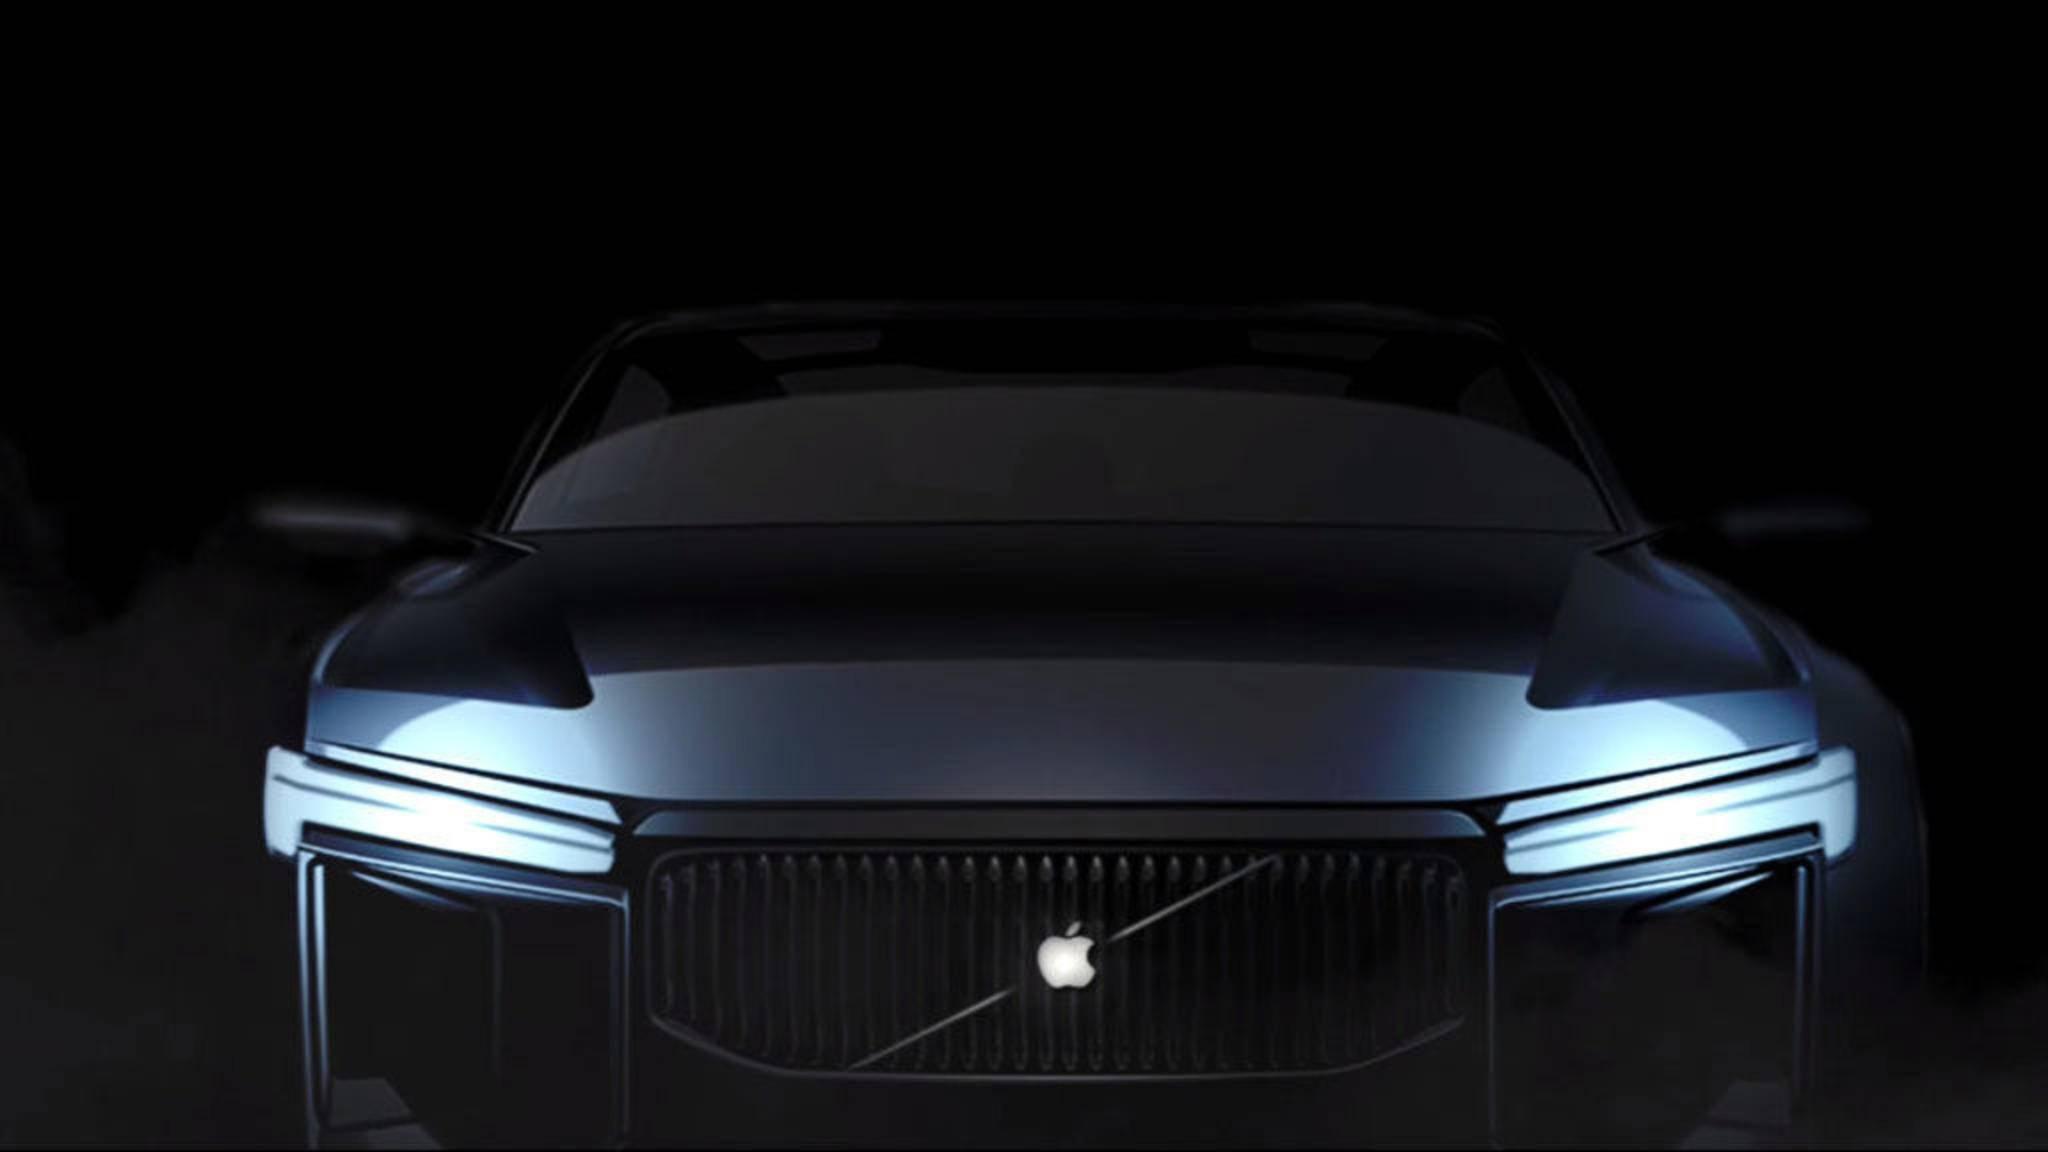 Die große Unbekannte: Wird es jemals ein Apple Car geben?